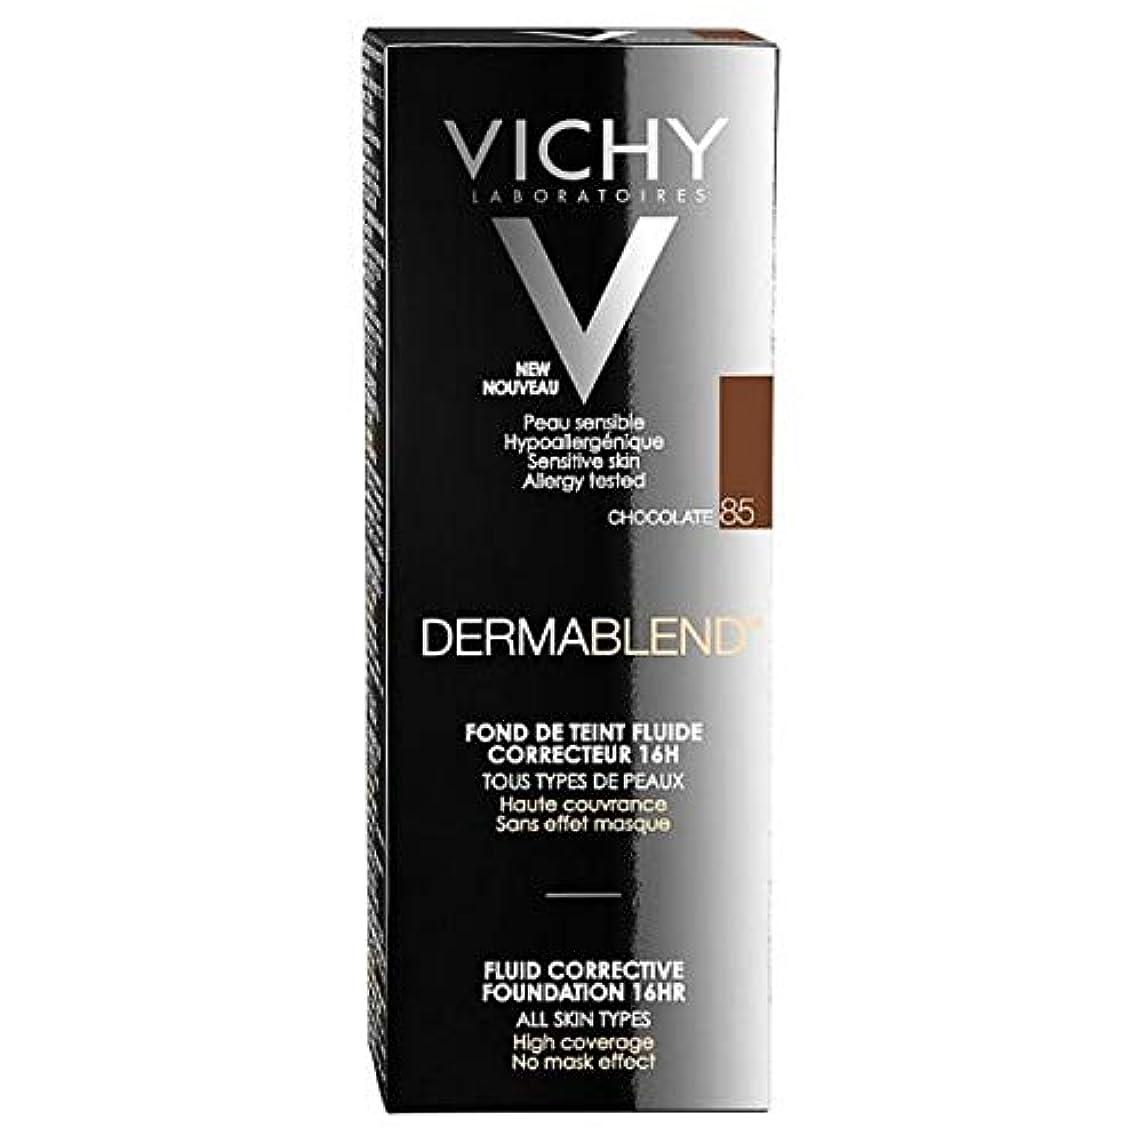 ずるいジャズスリップ[Vichy ] ヴィシーDermablend流体是正基盤85 30ミリリットル - Vichy Dermablend Fluid Corrective Foundation 85 30ml [並行輸入品]